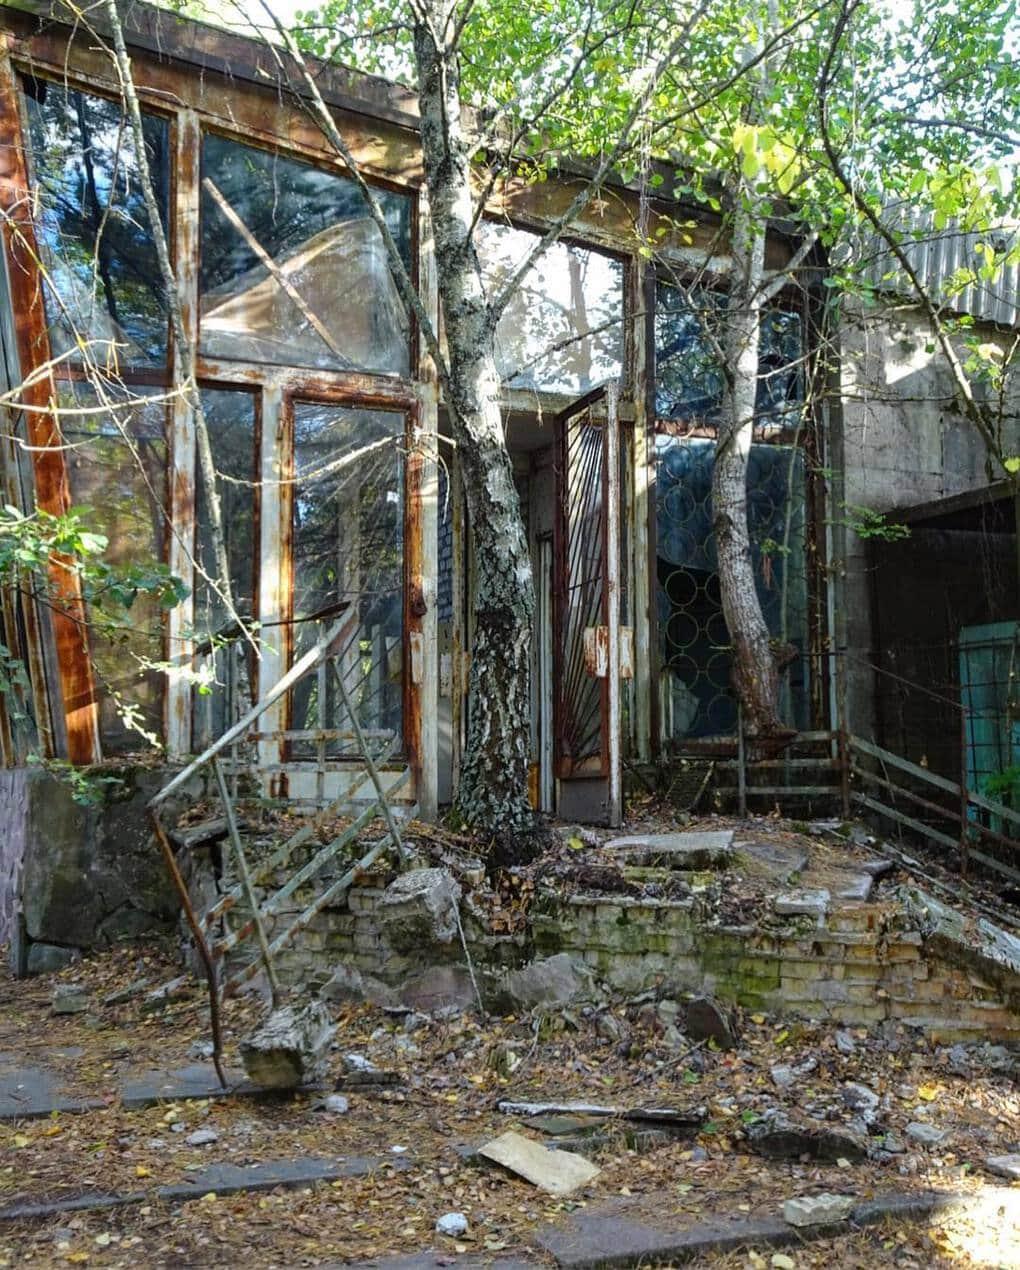 hiperposteador 64557785 468331730408930 8819642397612017927 n - 20 фотографий из Чернобыля, которые показывают, как природа восстанавливает заражённую землю